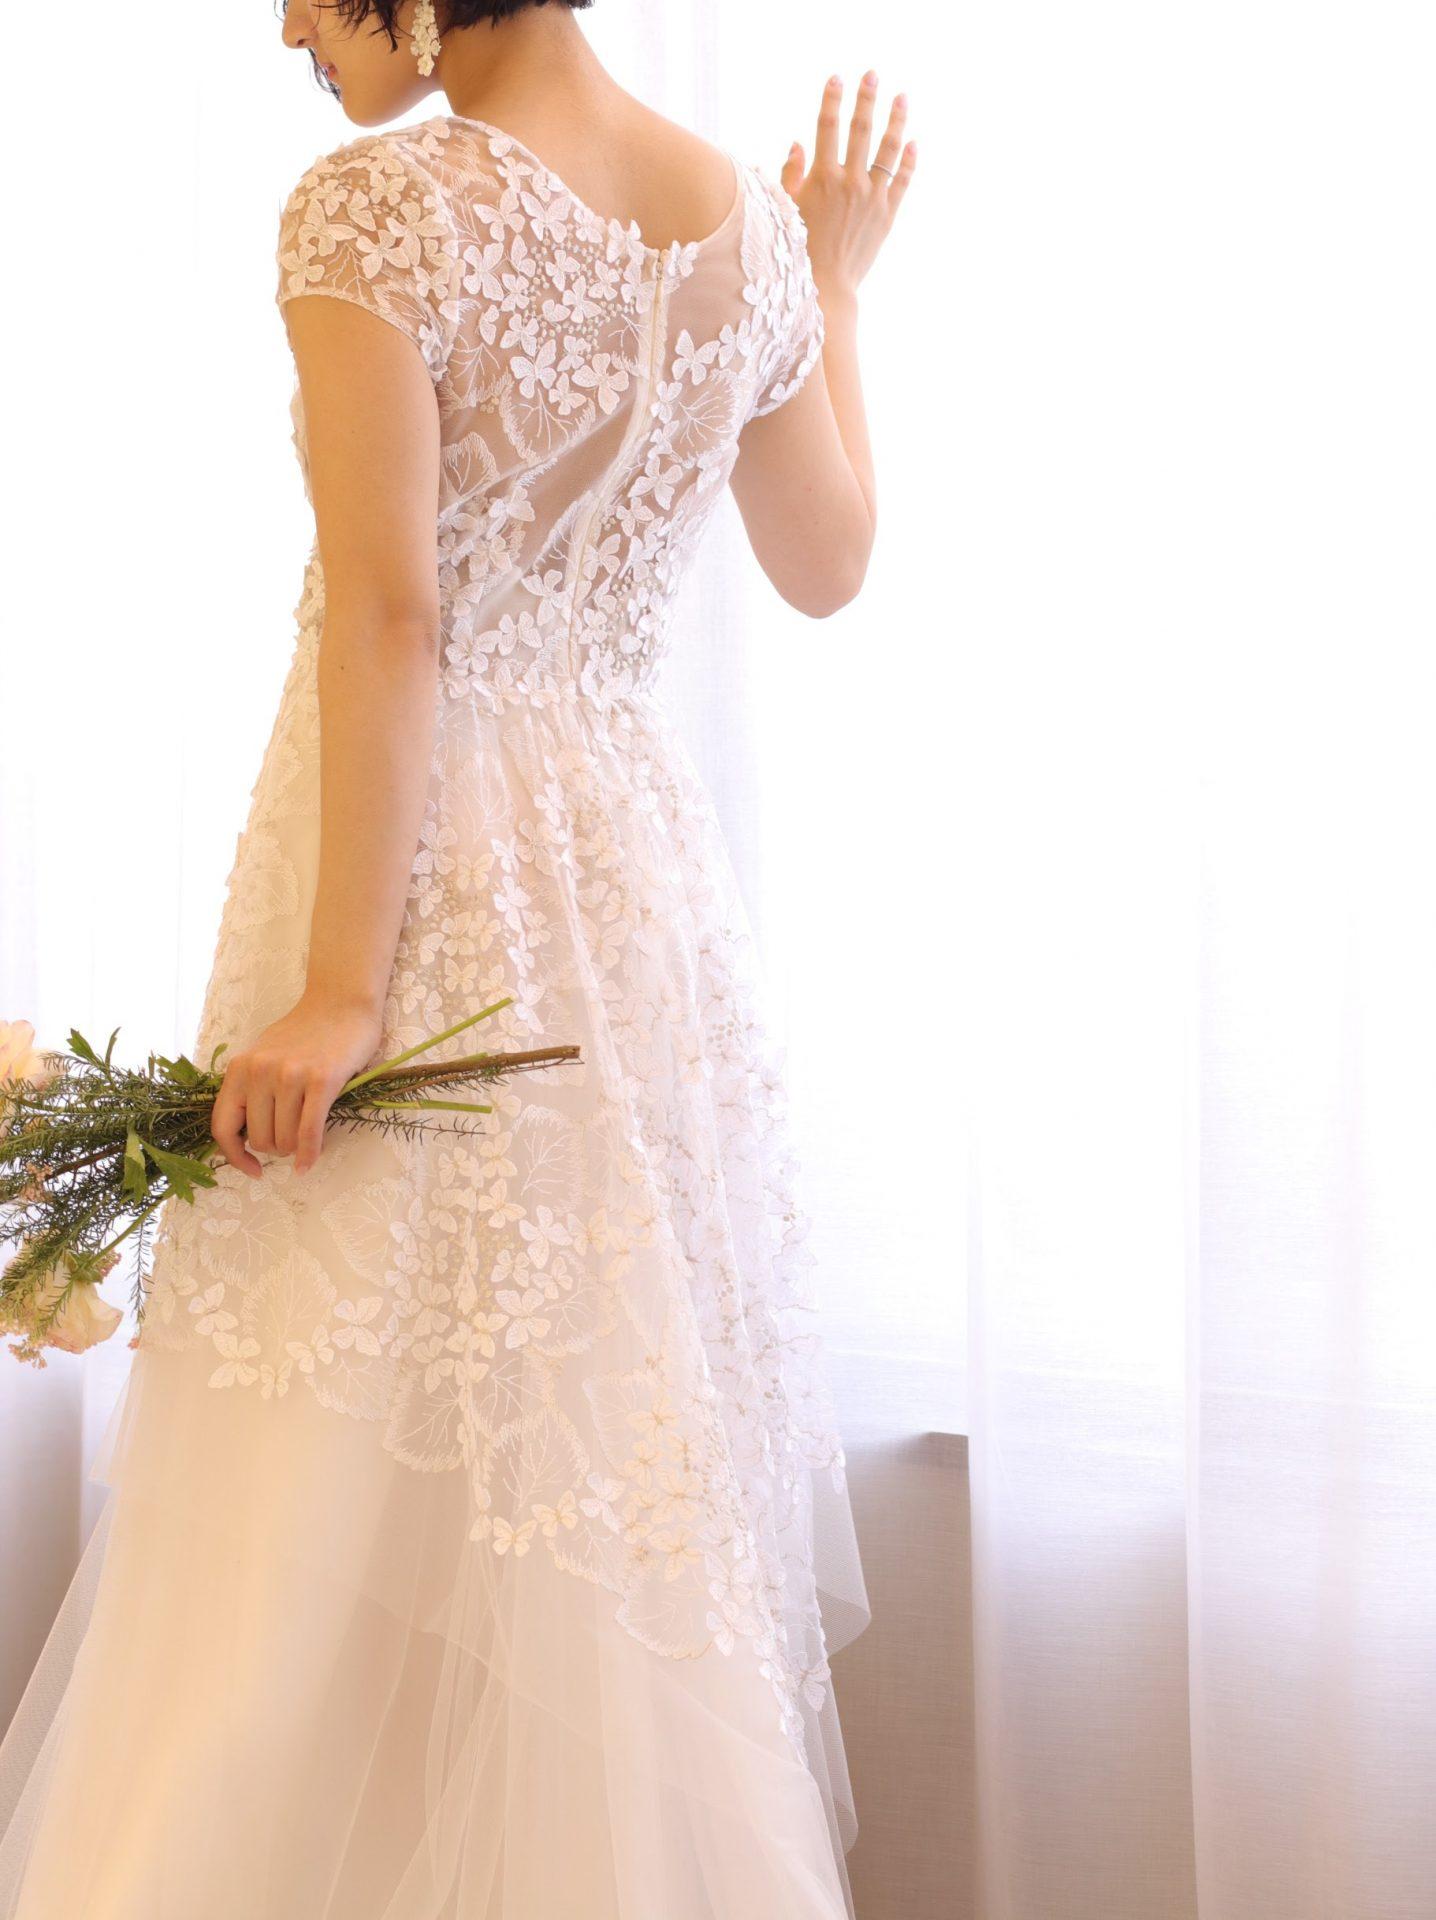 エリザベス・フィルモアの蝶々のレースを施したウェディングドレスは、ザ・トリート・ドレッシングの提携会場赤坂プリンスクラシックハウスにもピッタリな1着です